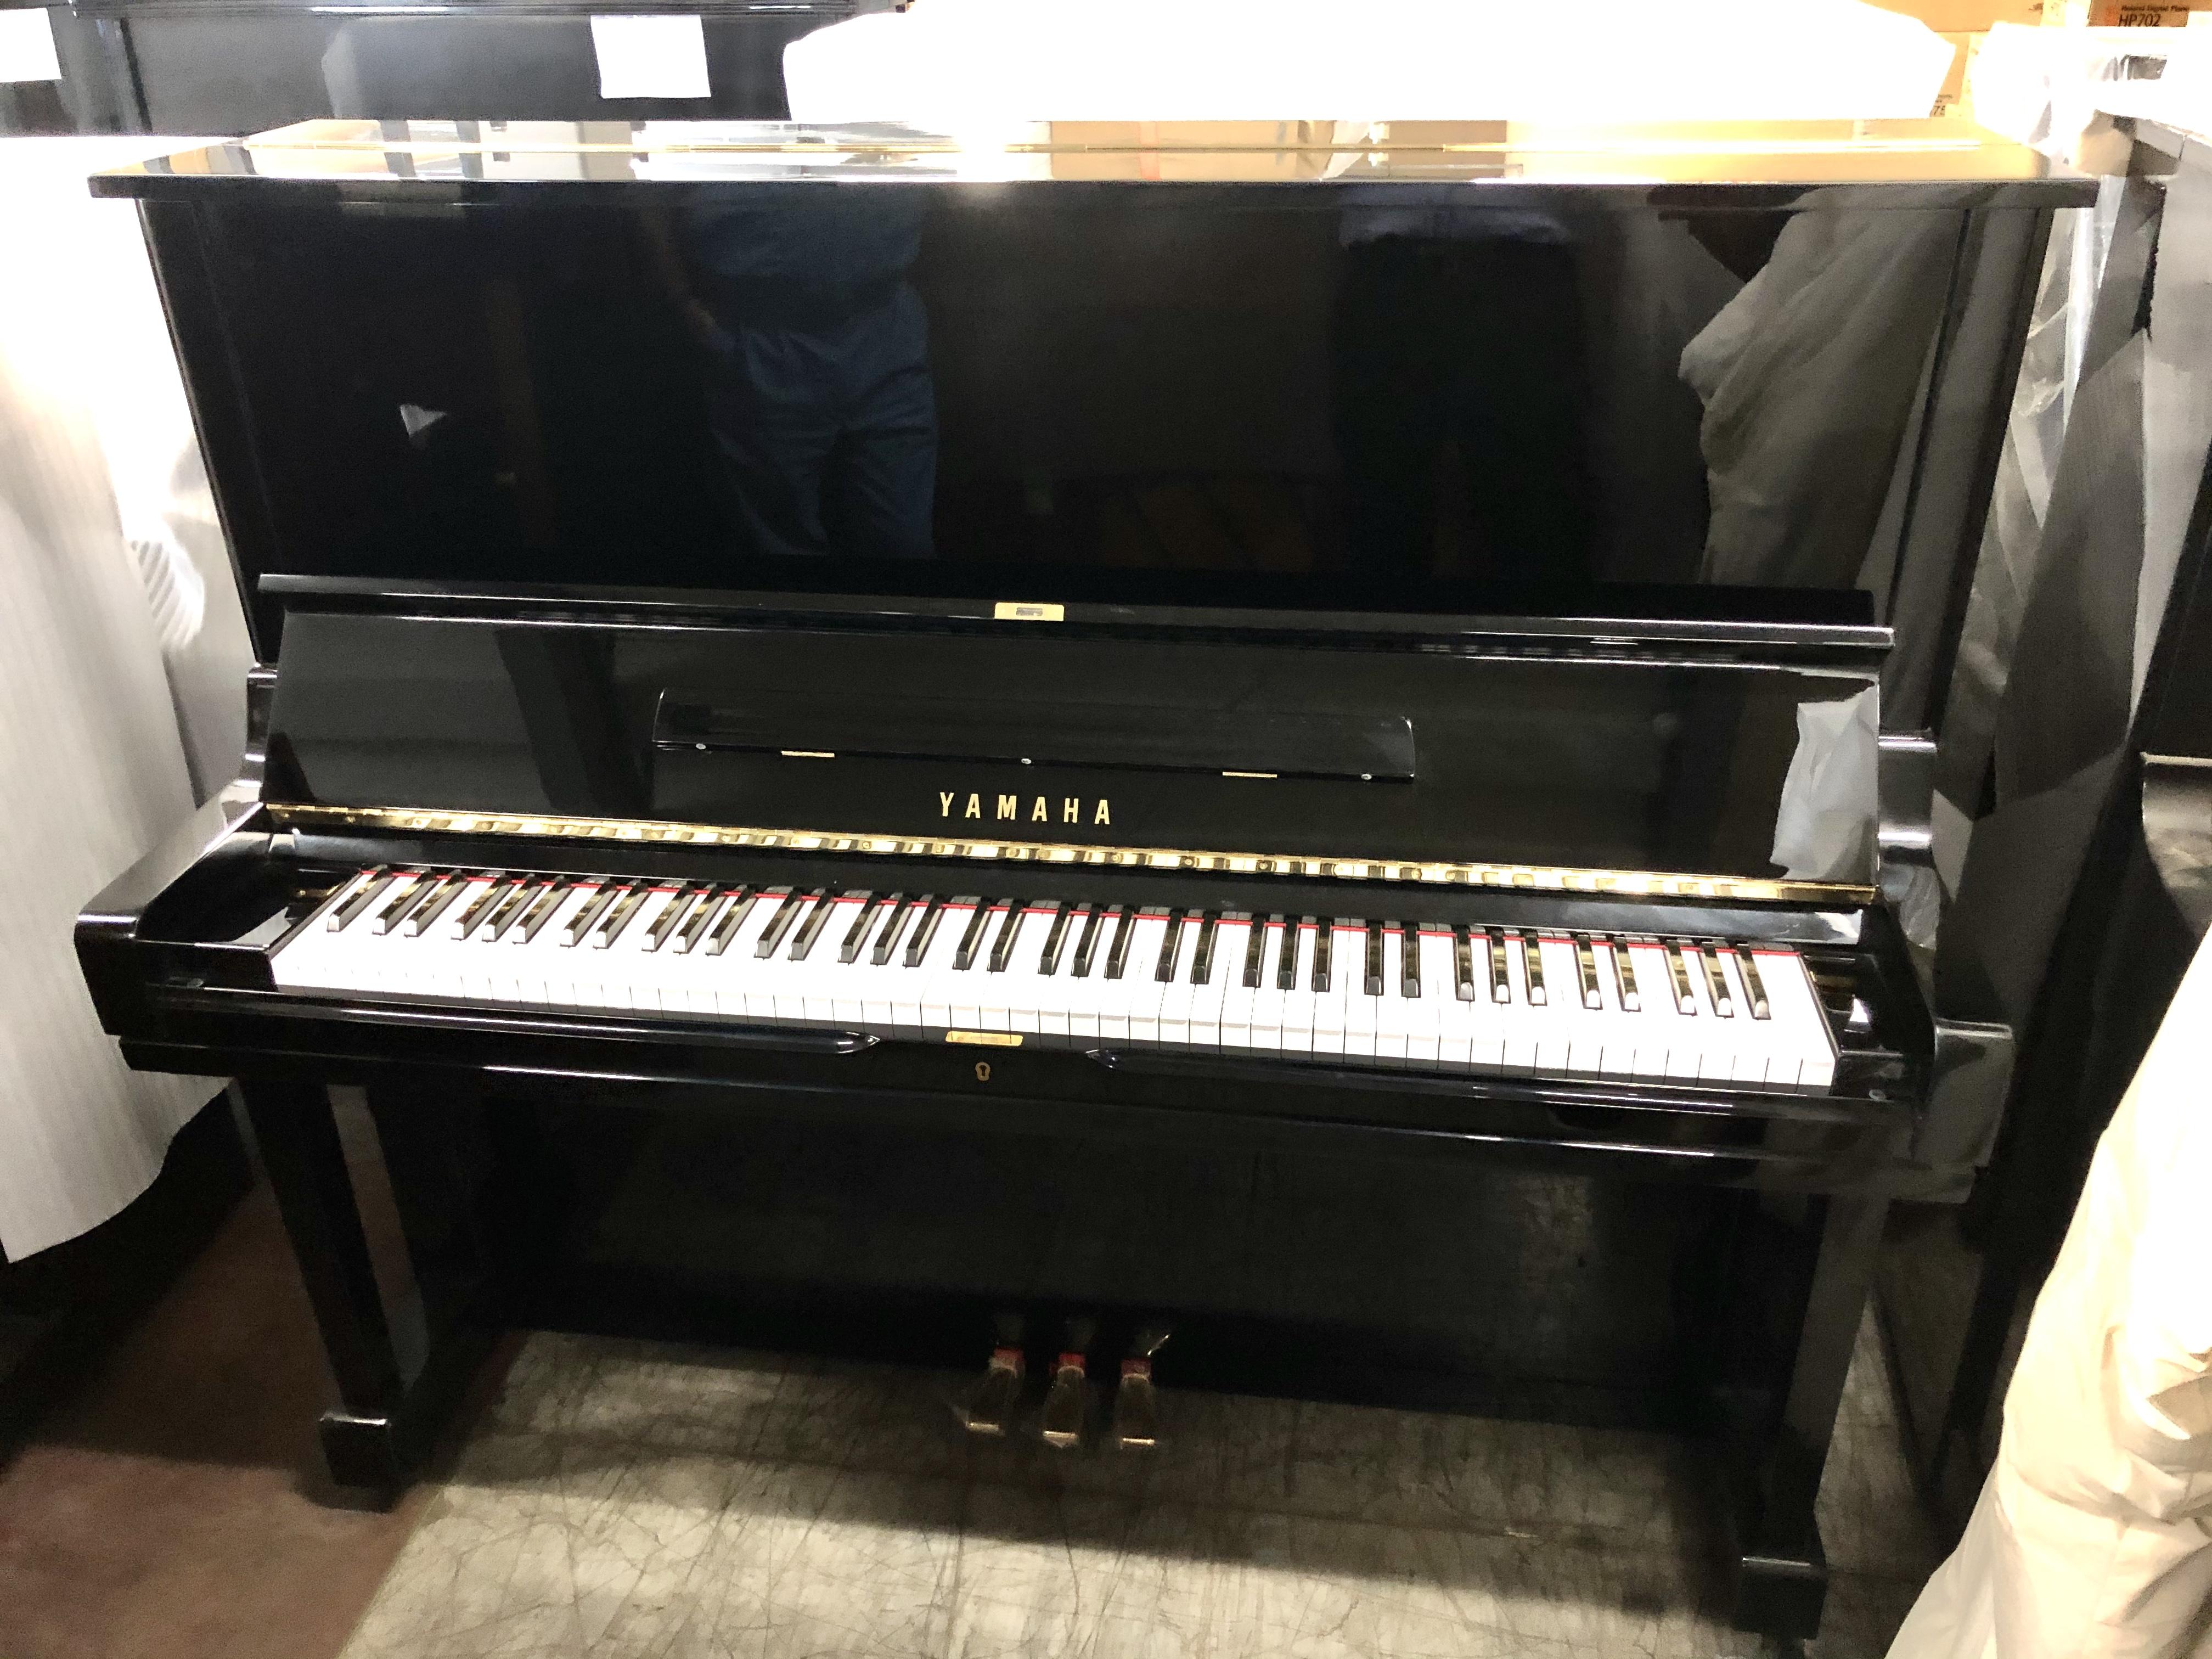 中古アップライトピアノ【ヤマハ/U3M】愛知倉庫